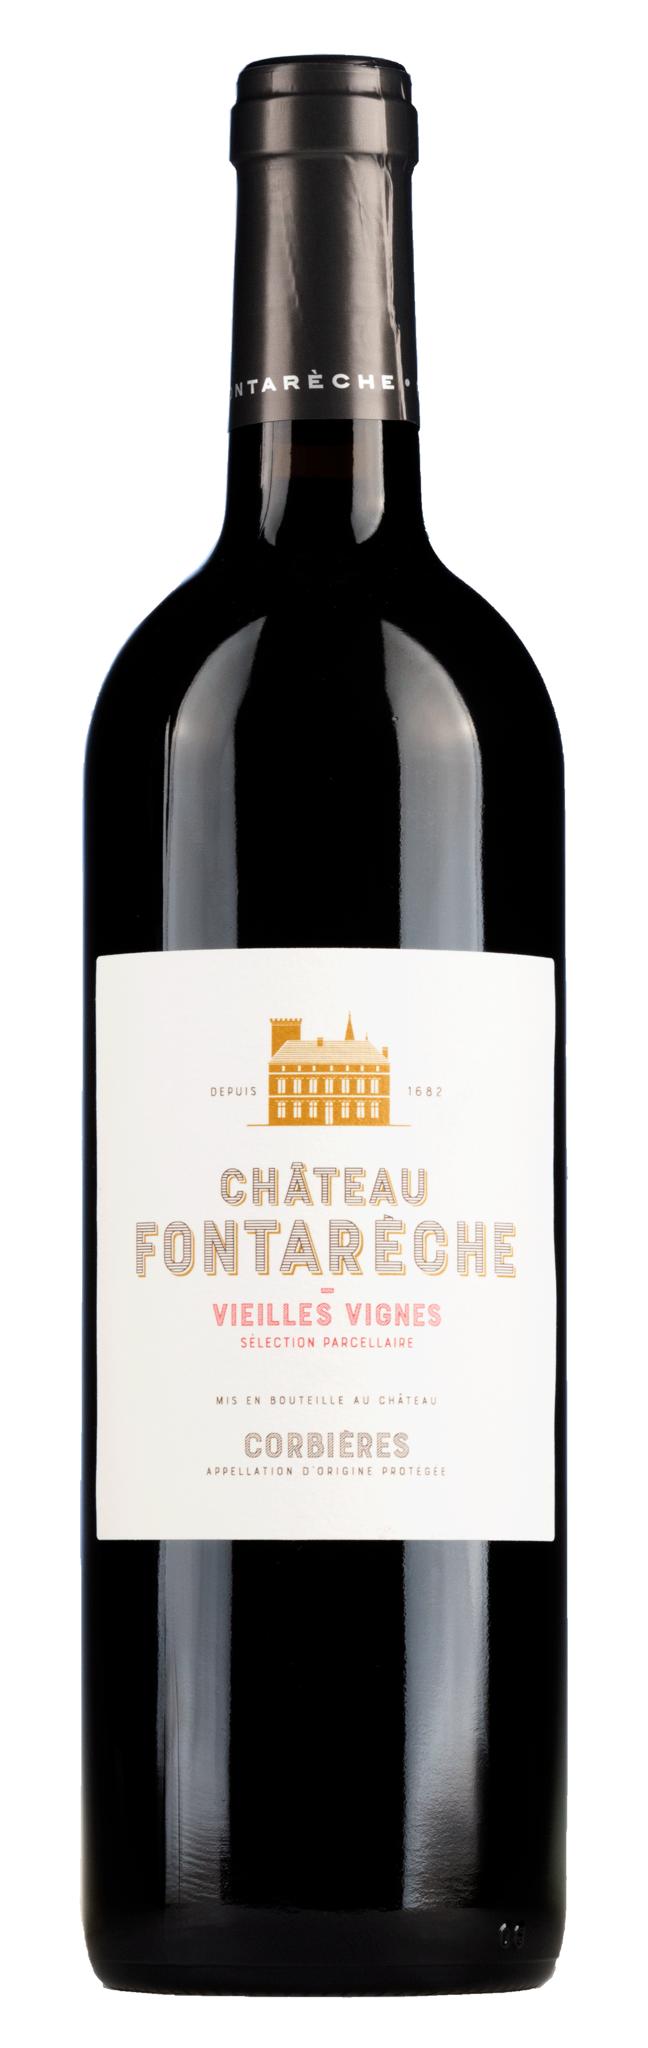 Frankreich Diverse 2019 Corbières Vieilles Vignes, Chateau Fontarèche